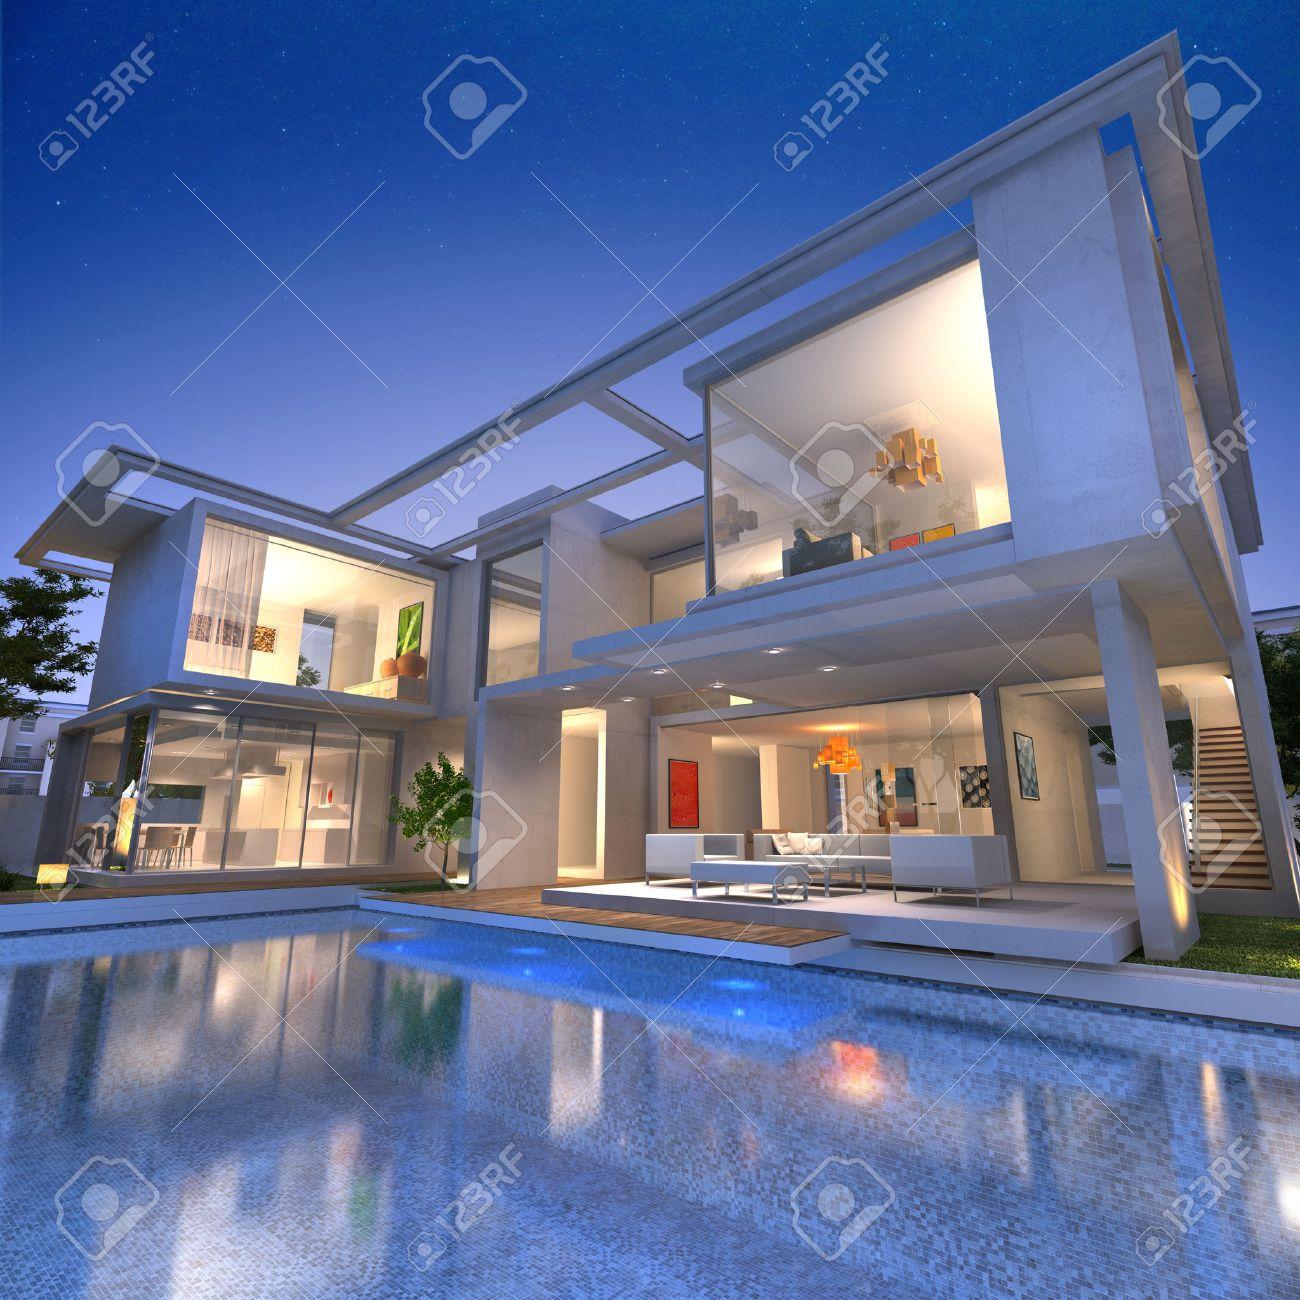 Extern syn på en modern hus med pool i skymningen royalty fria ...